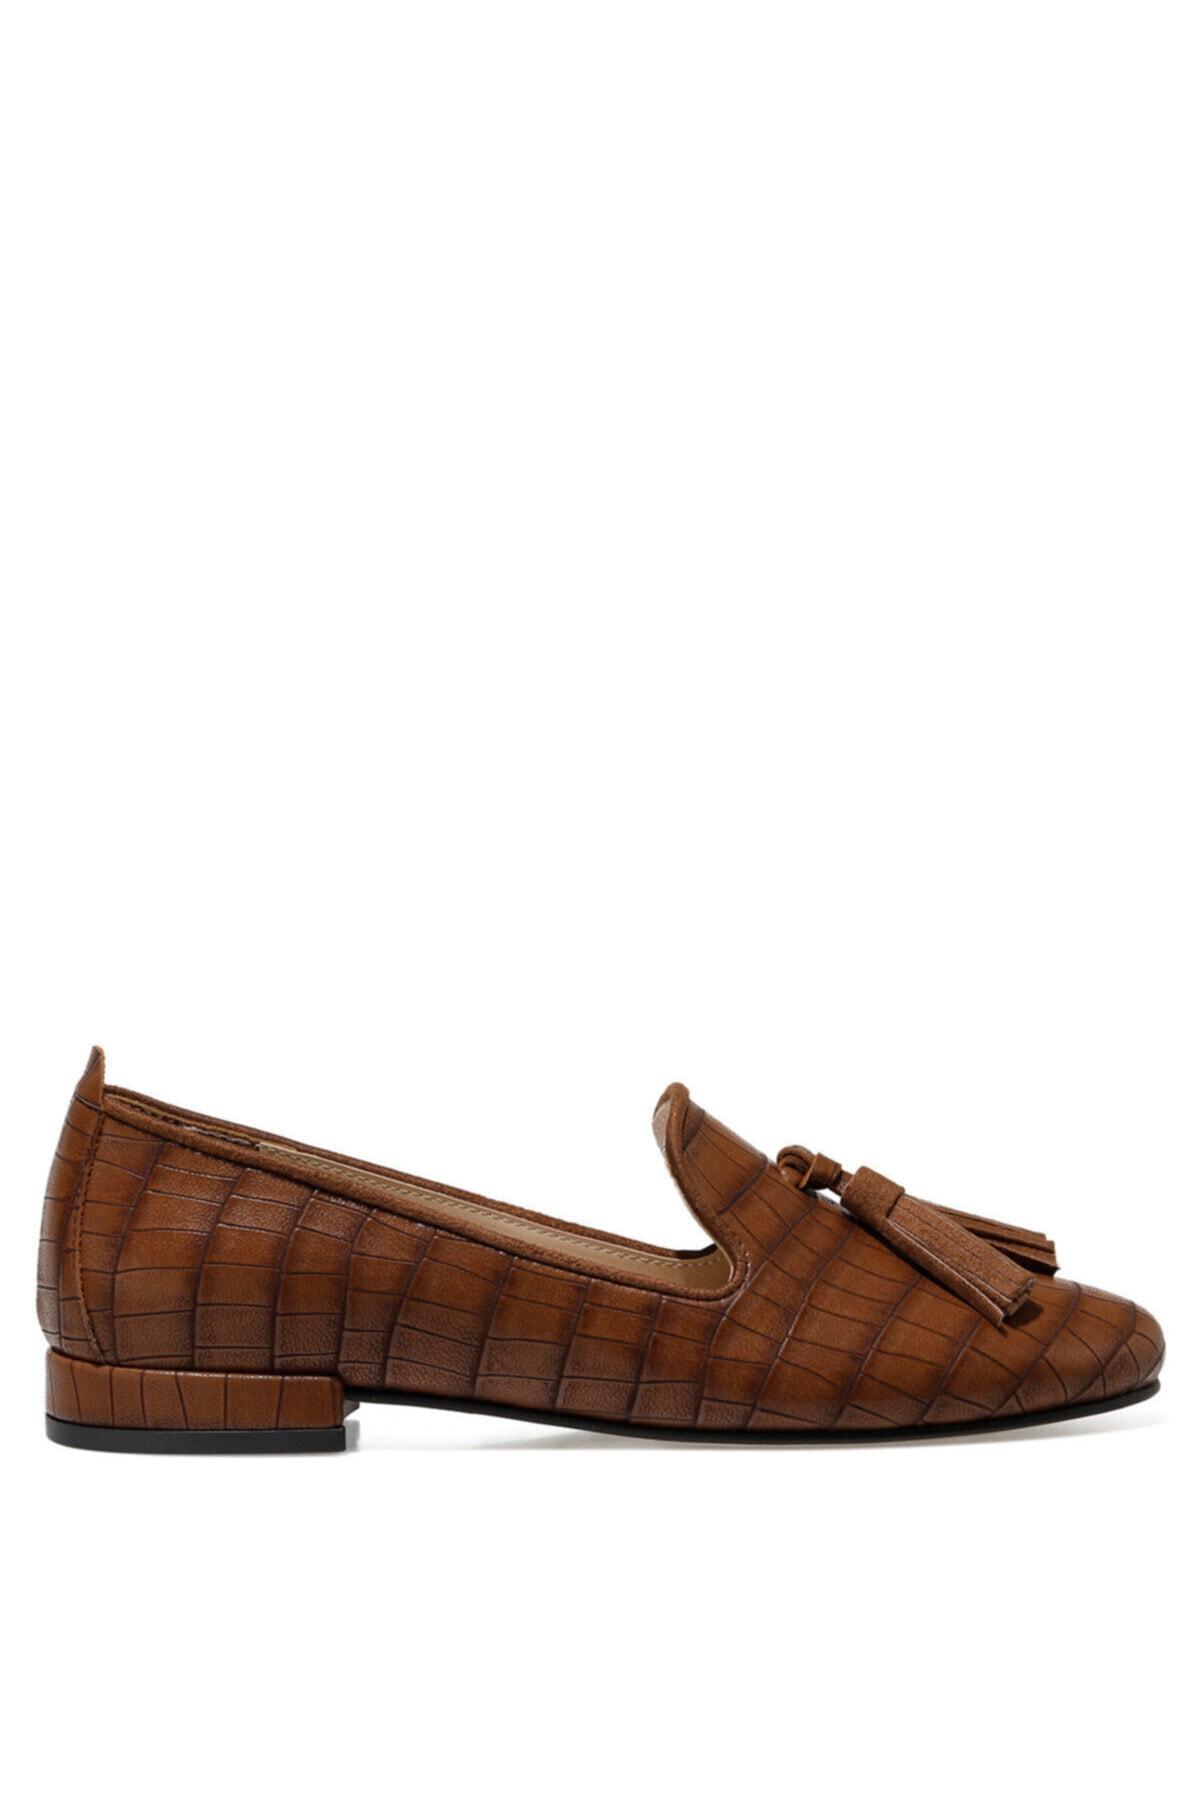 İnci CELA Taba Kadın Loafer Ayakkabı 101025783 1